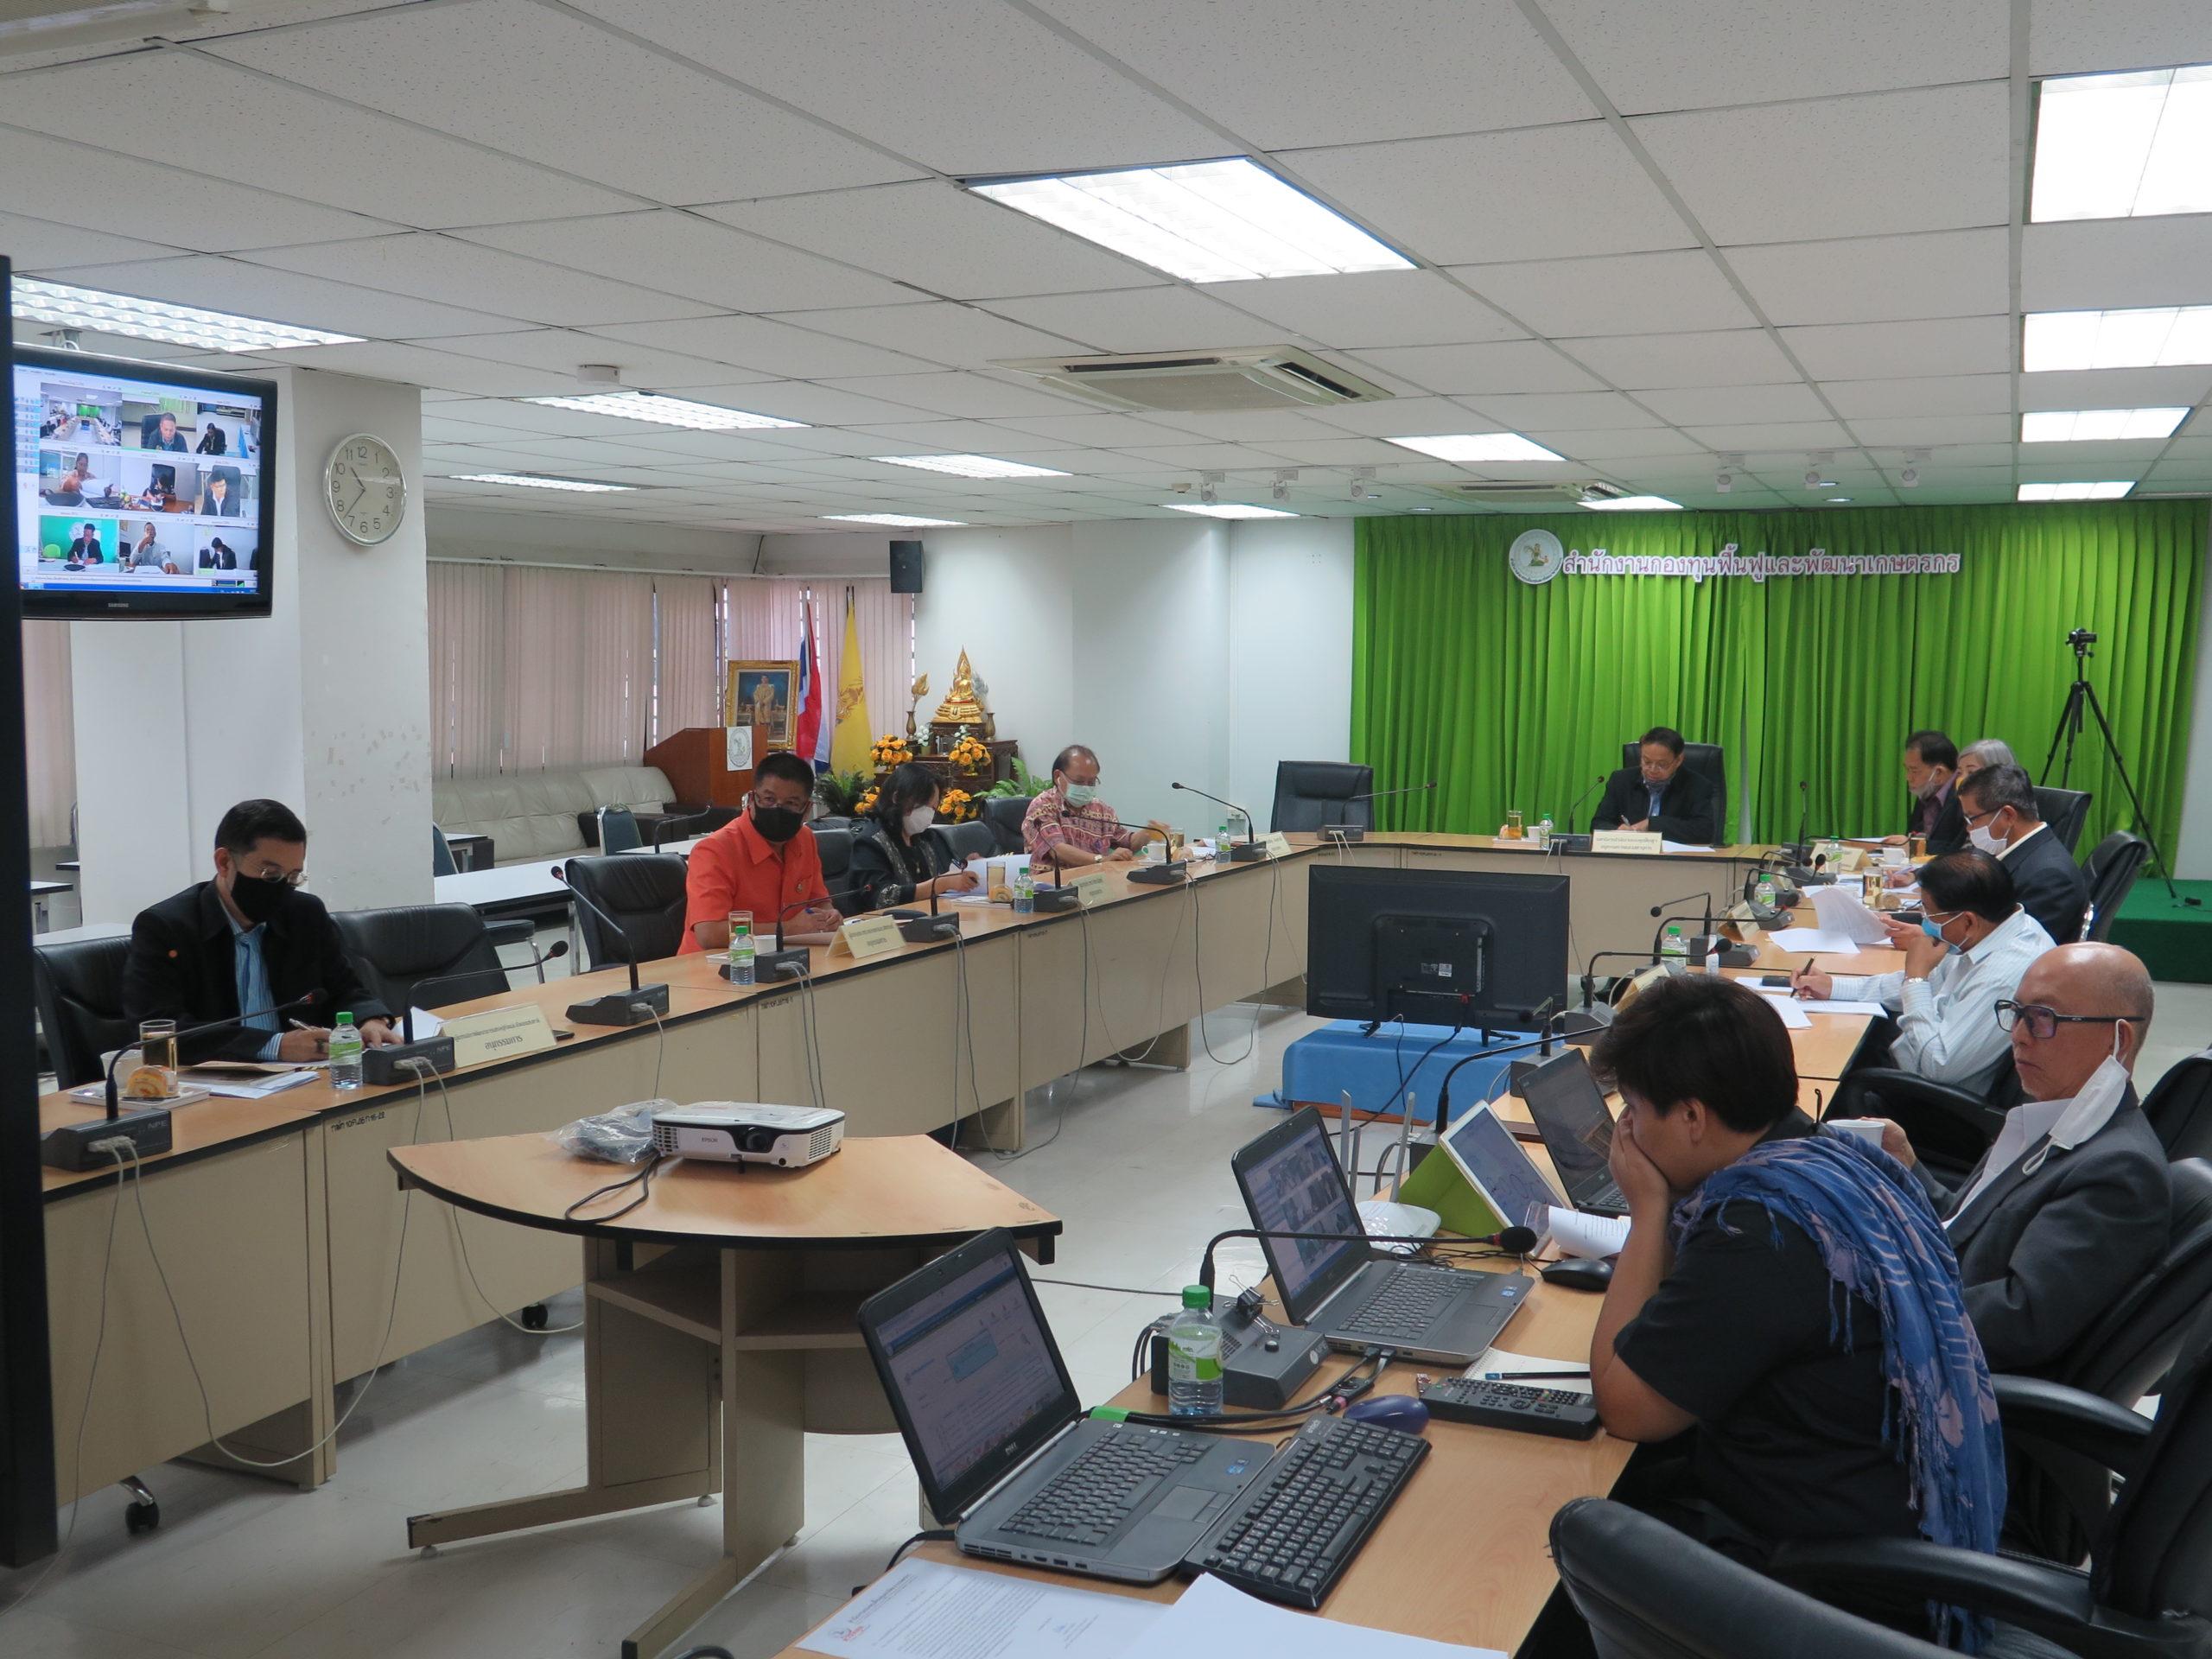 ประชุมคณะอนุกรรมการปฏิรูปองค์กร ฯ ครั้งที่ 6/2563